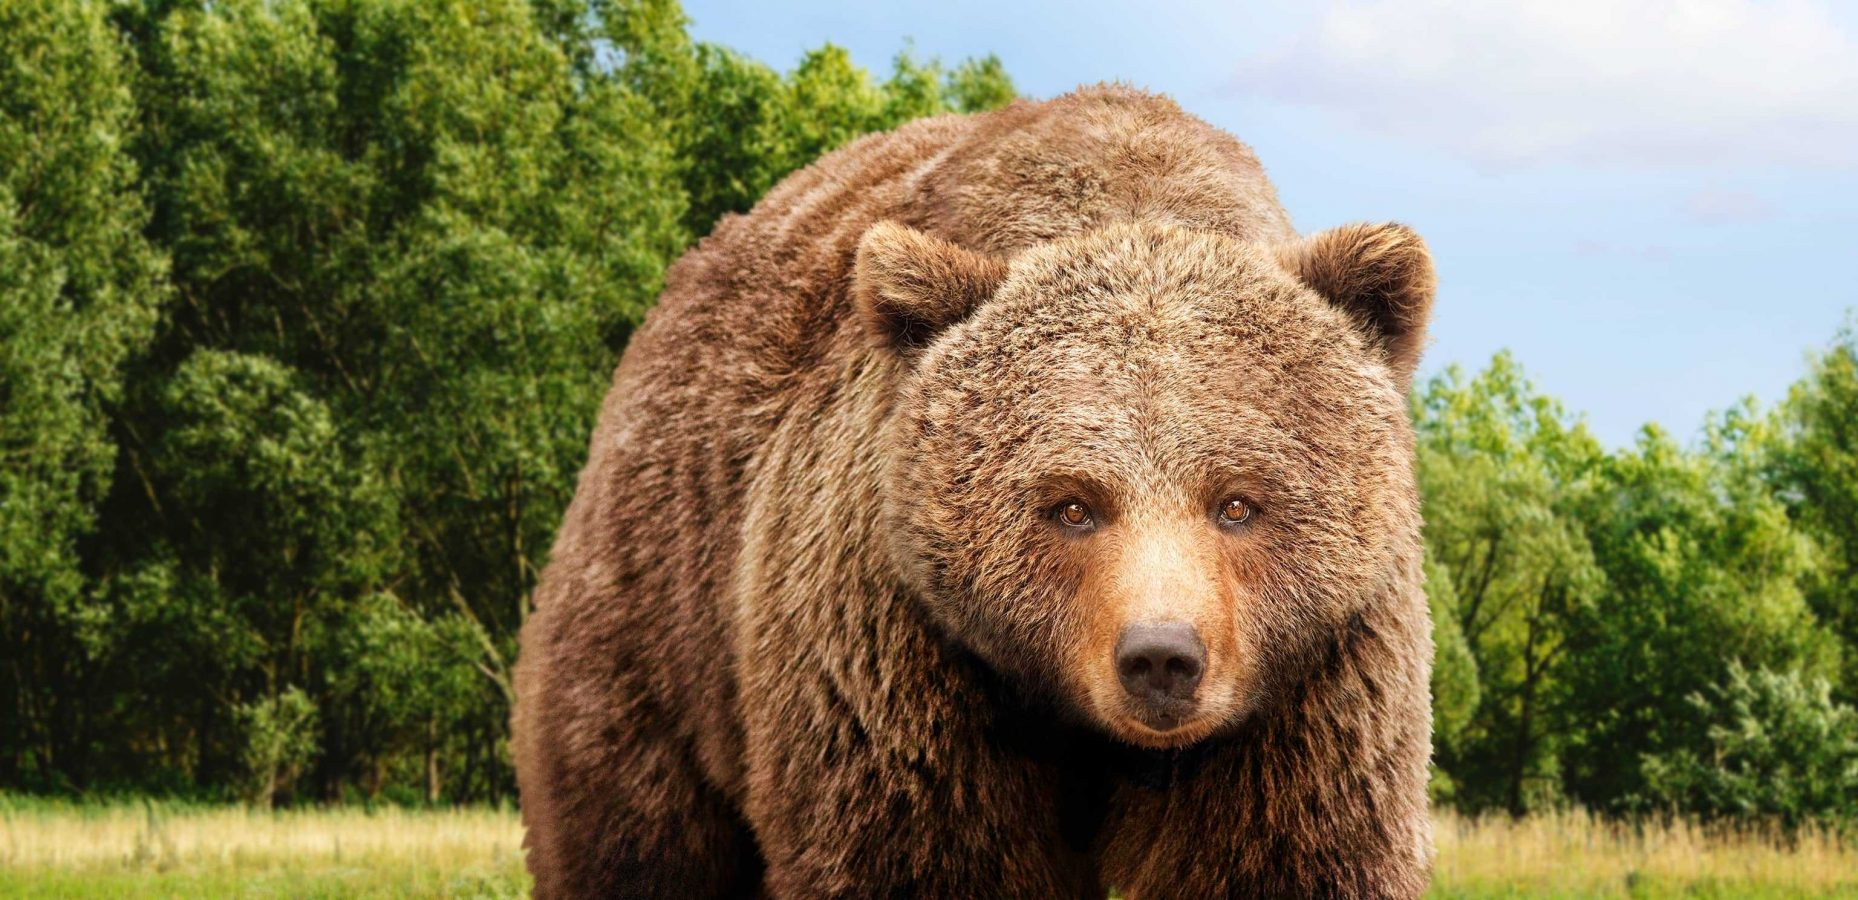 Ein Braunbär der für die Kampagne der Vier Pfoten zu Rettung von Bären steht